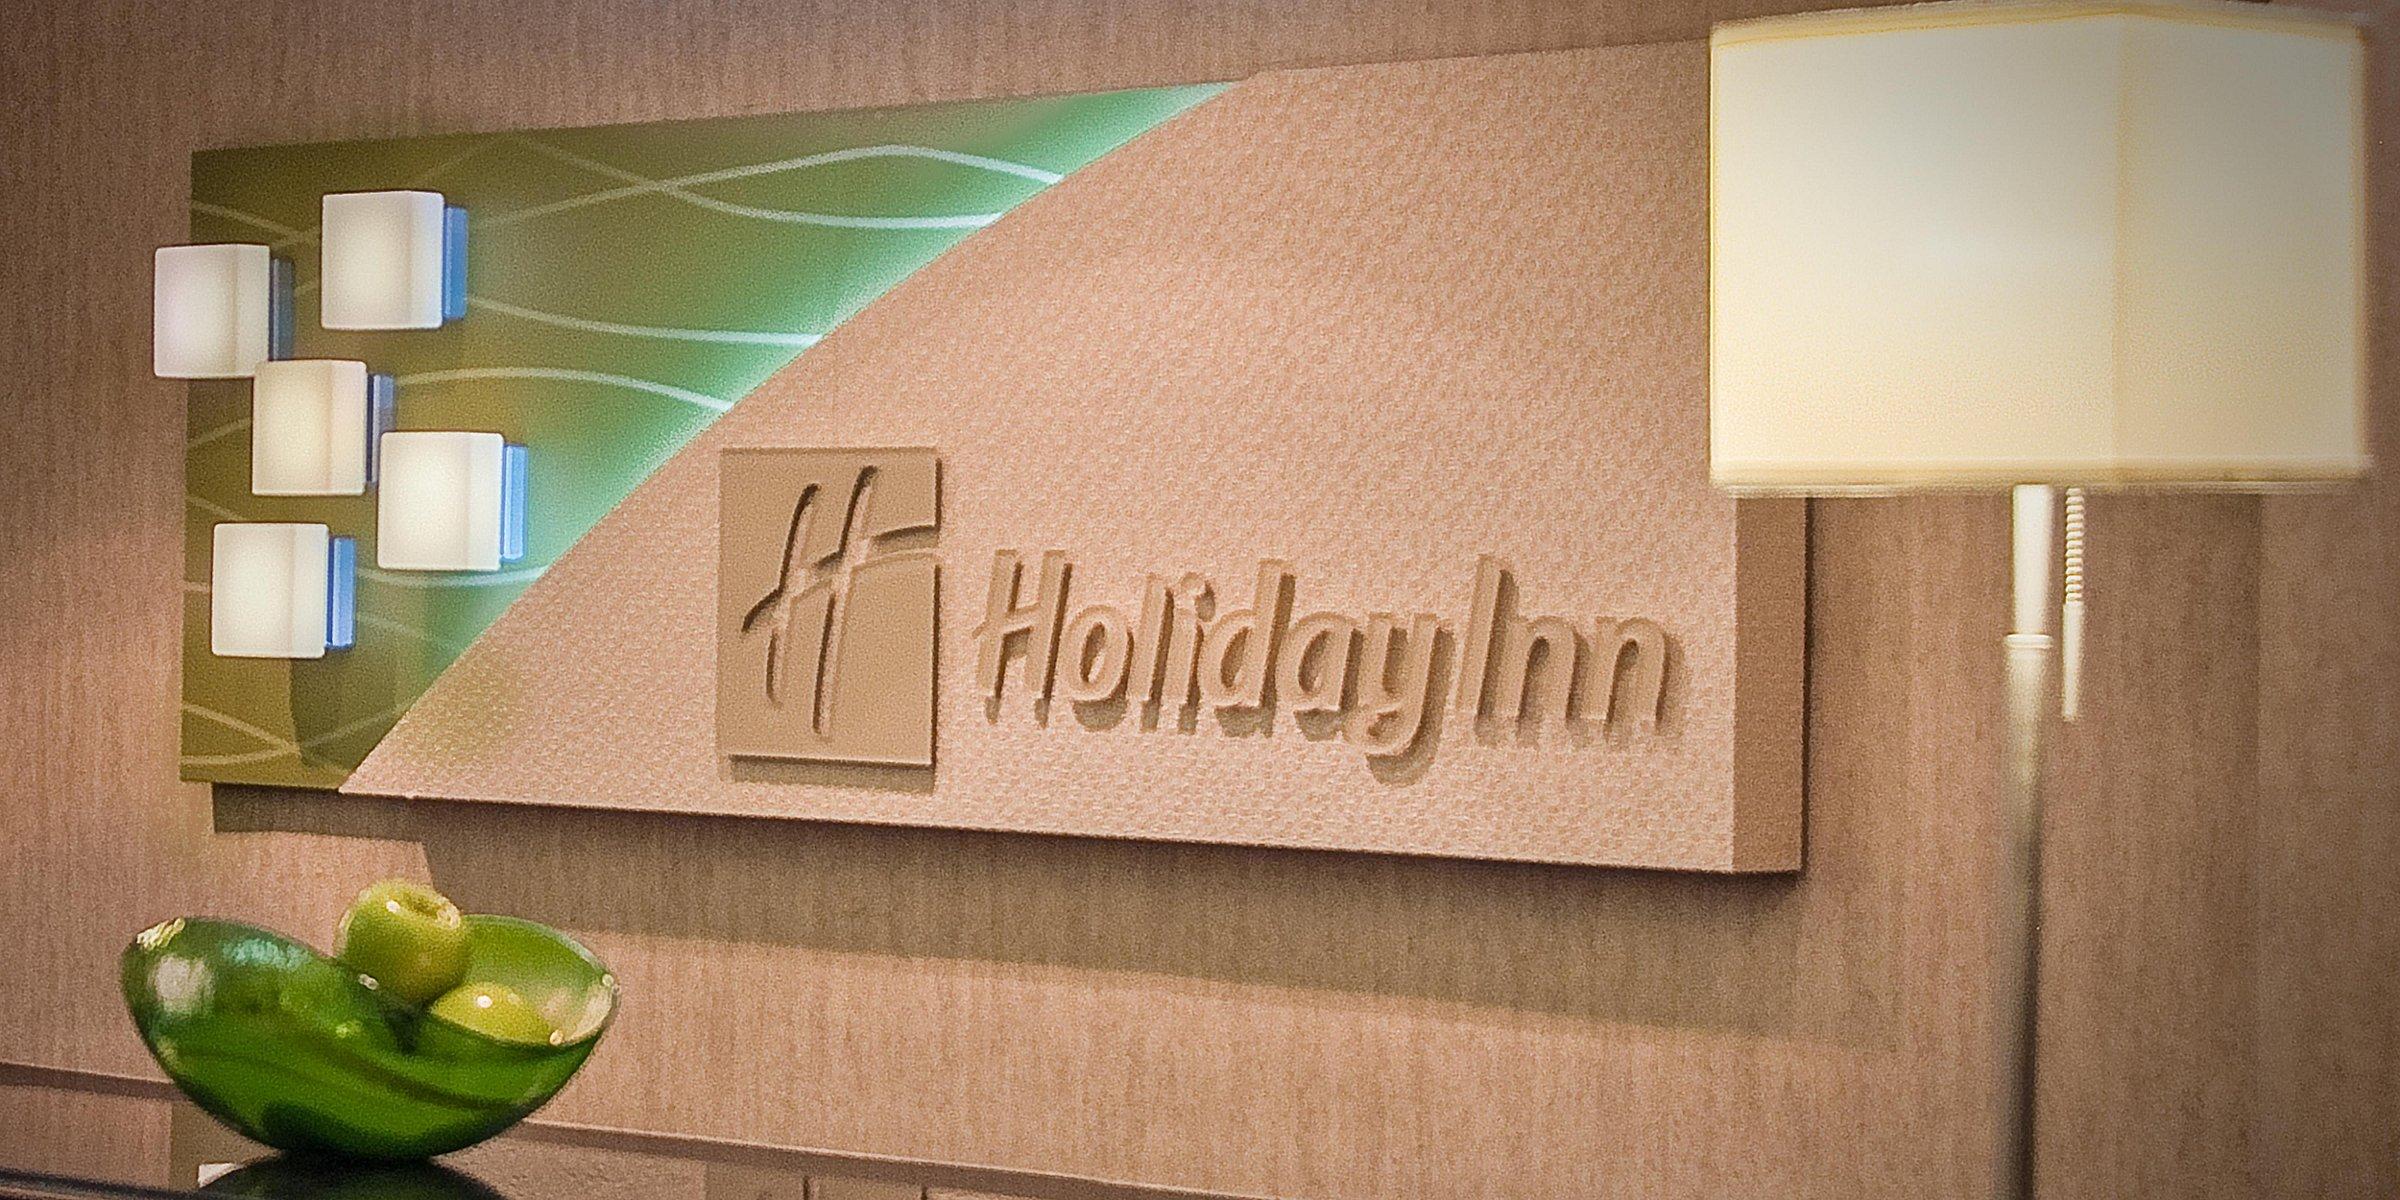 Hotels in Ballston, Arlington   Holiday Inn Arlington at